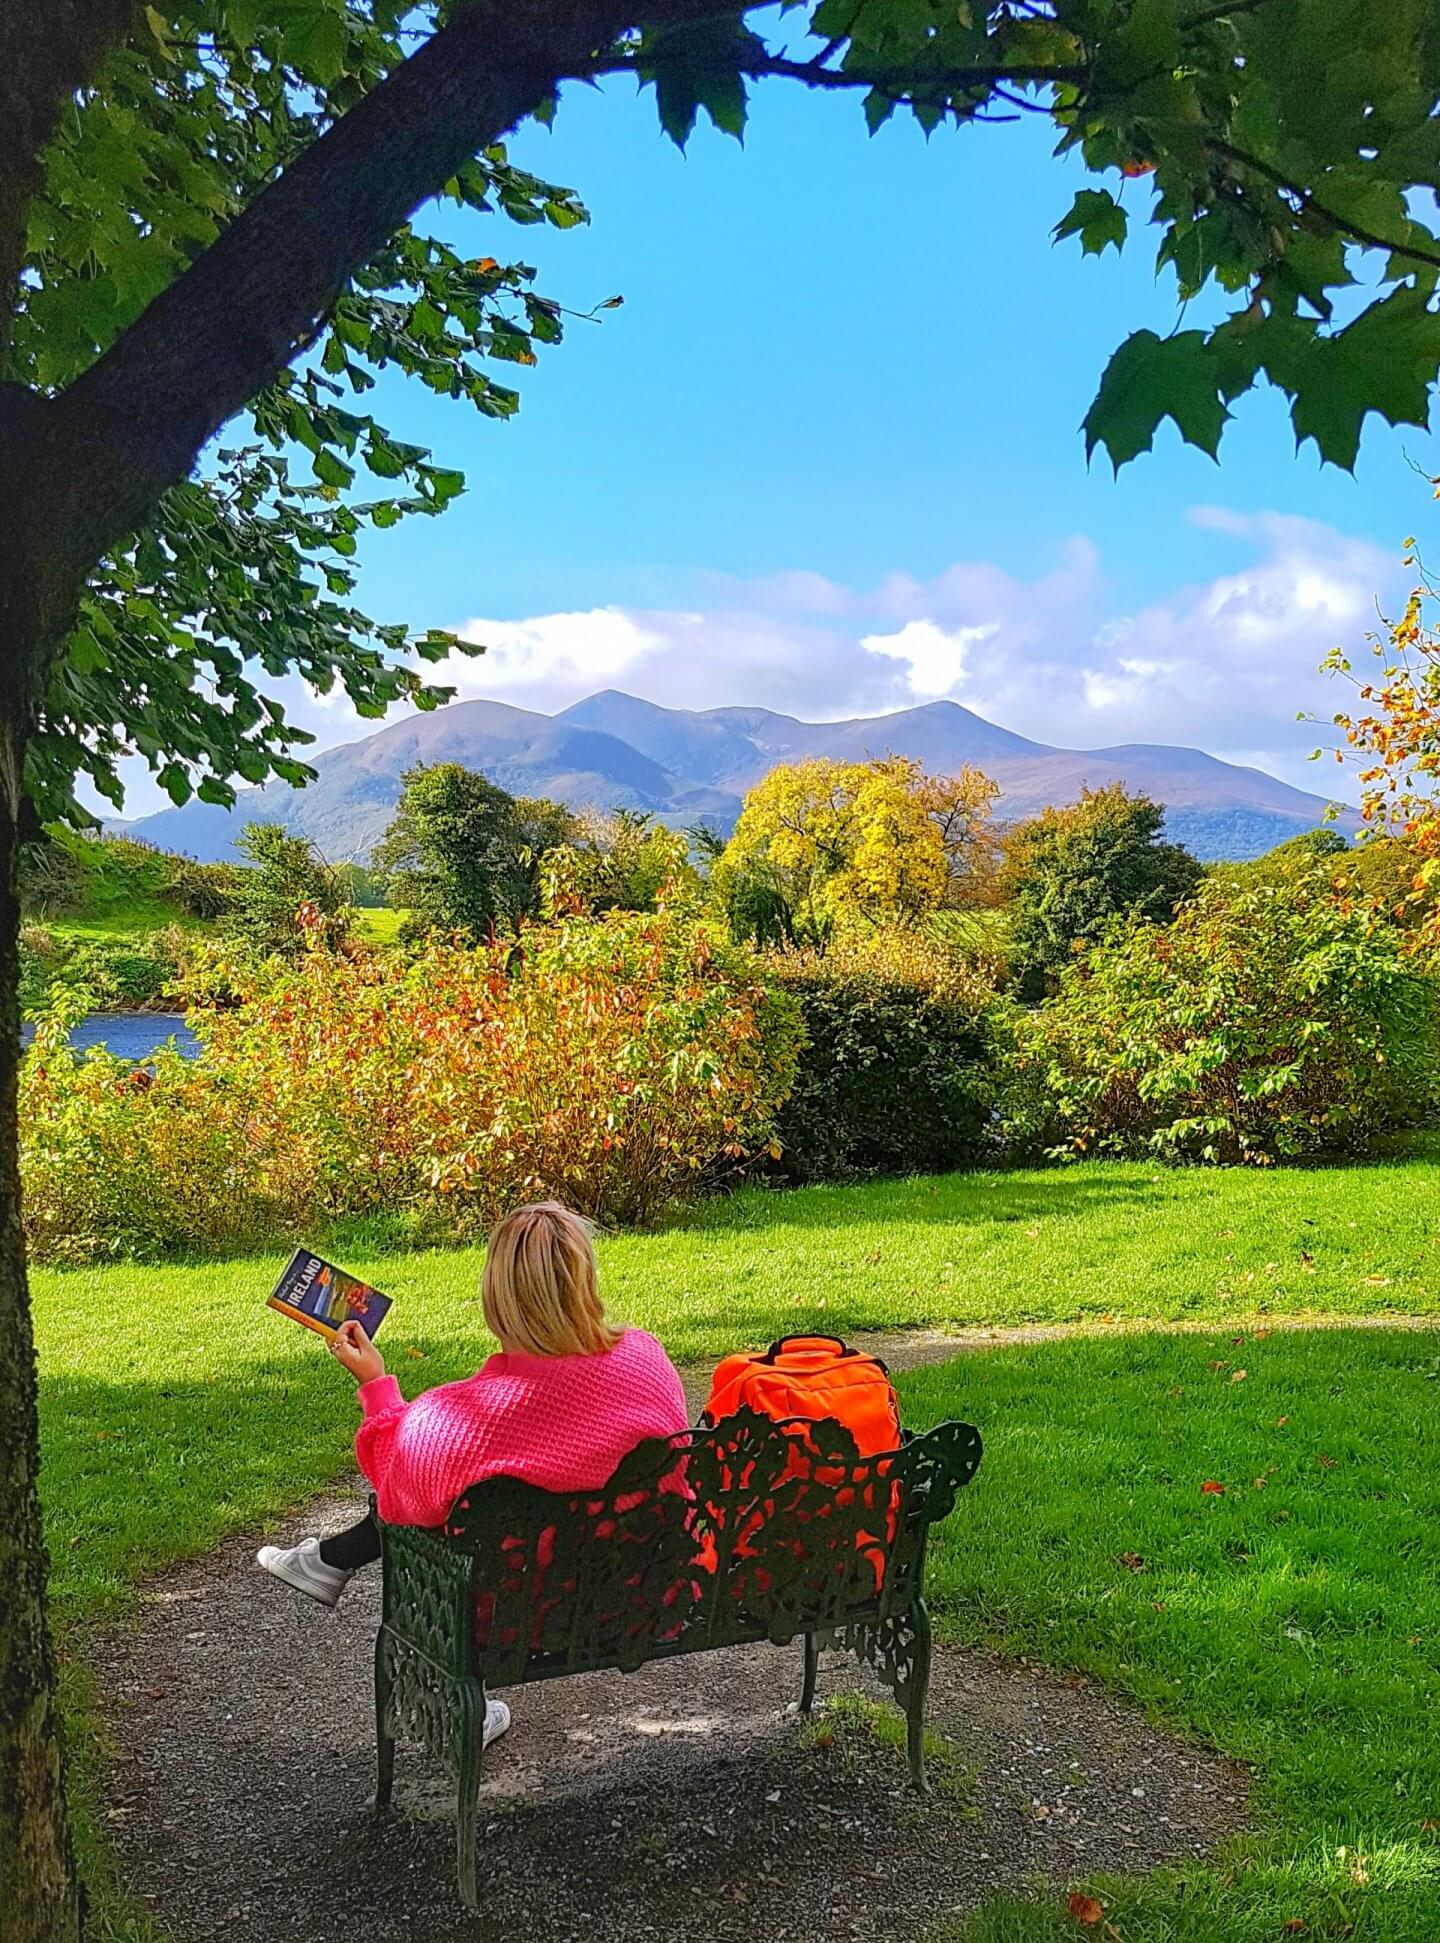 staycation ideas in Ireland